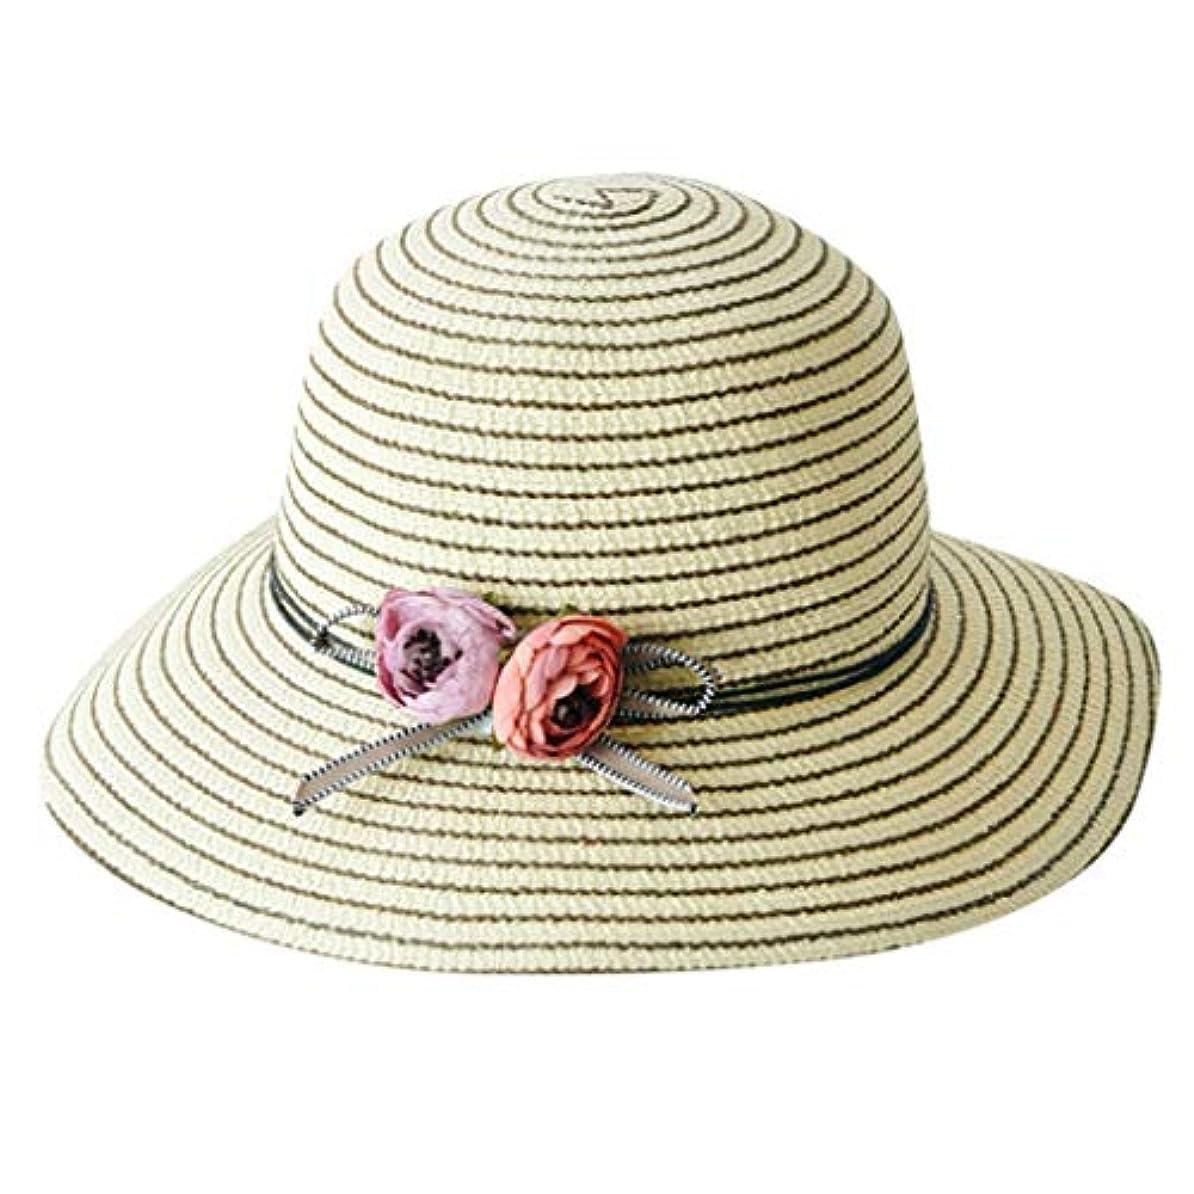 支援差し迫ったクレア帽子 レディース 漁師帽 夏 UVカット 帽子 綿糸 ハット レディース 紫外線100%カット UV ハット 可愛い 小顔効果抜群 日よけ 折りたたみ つば広 小顔効果抜群 折りたたみ 海 旅行 ROSE ROMAN